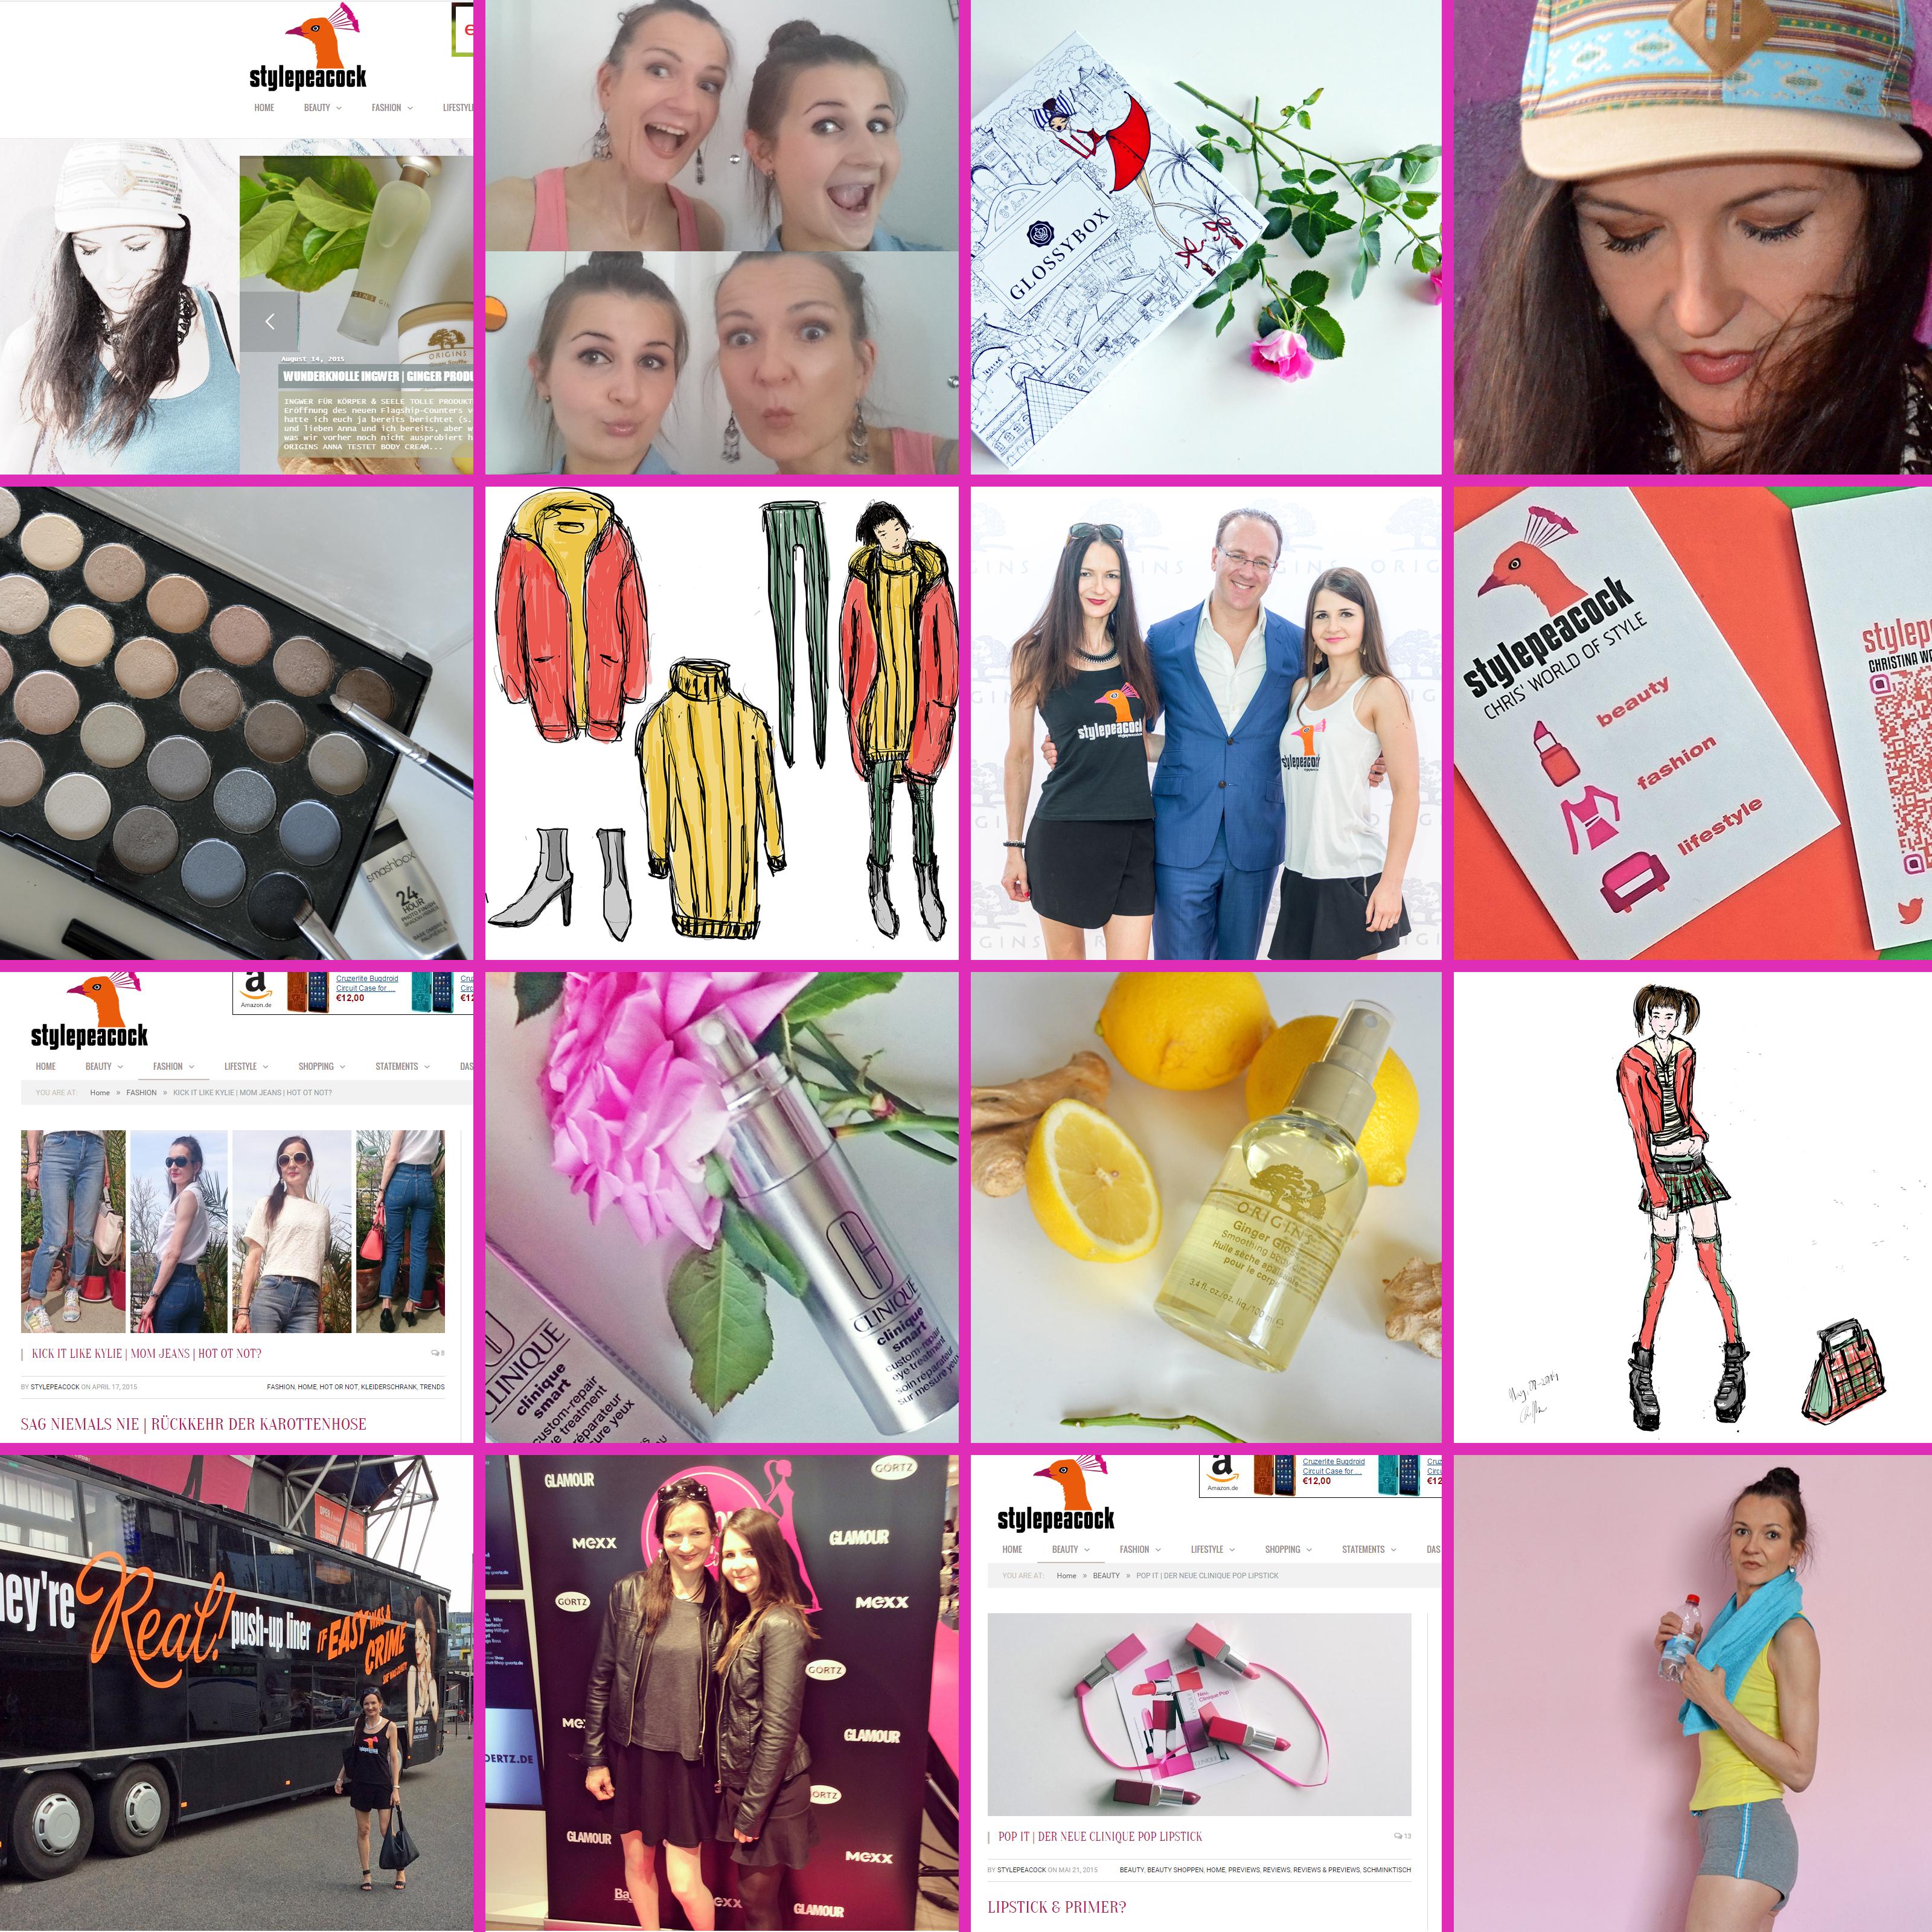 #Faceforward | CLINIQUE Füörderkampagne für Frauen